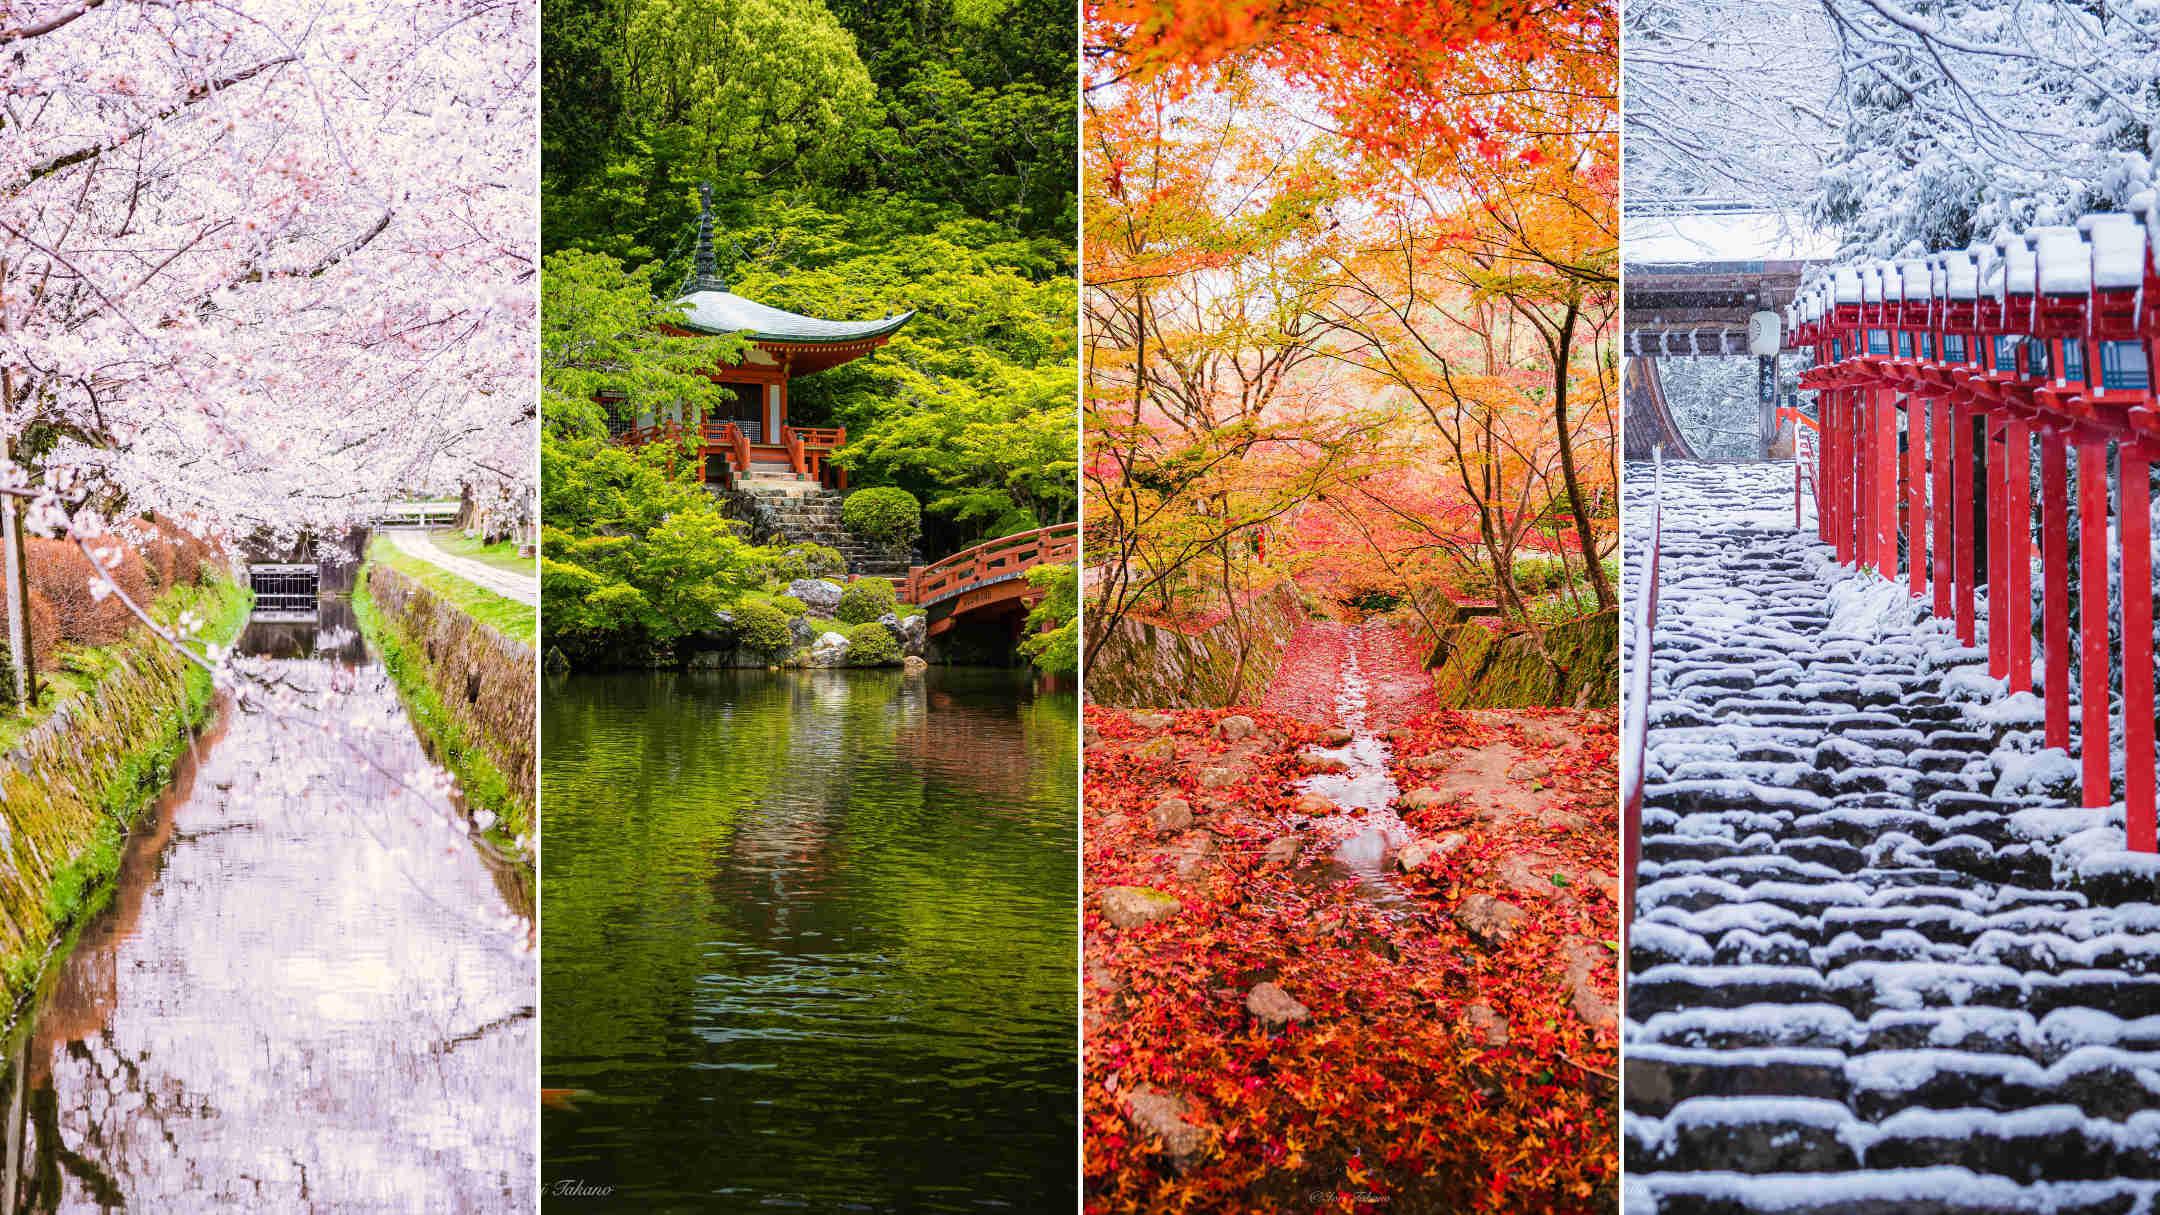 京都を撮り続けるフォトグラファーが教える、絶景撮影スポット10選 – 定番から四季のイチオシ、穴場まで